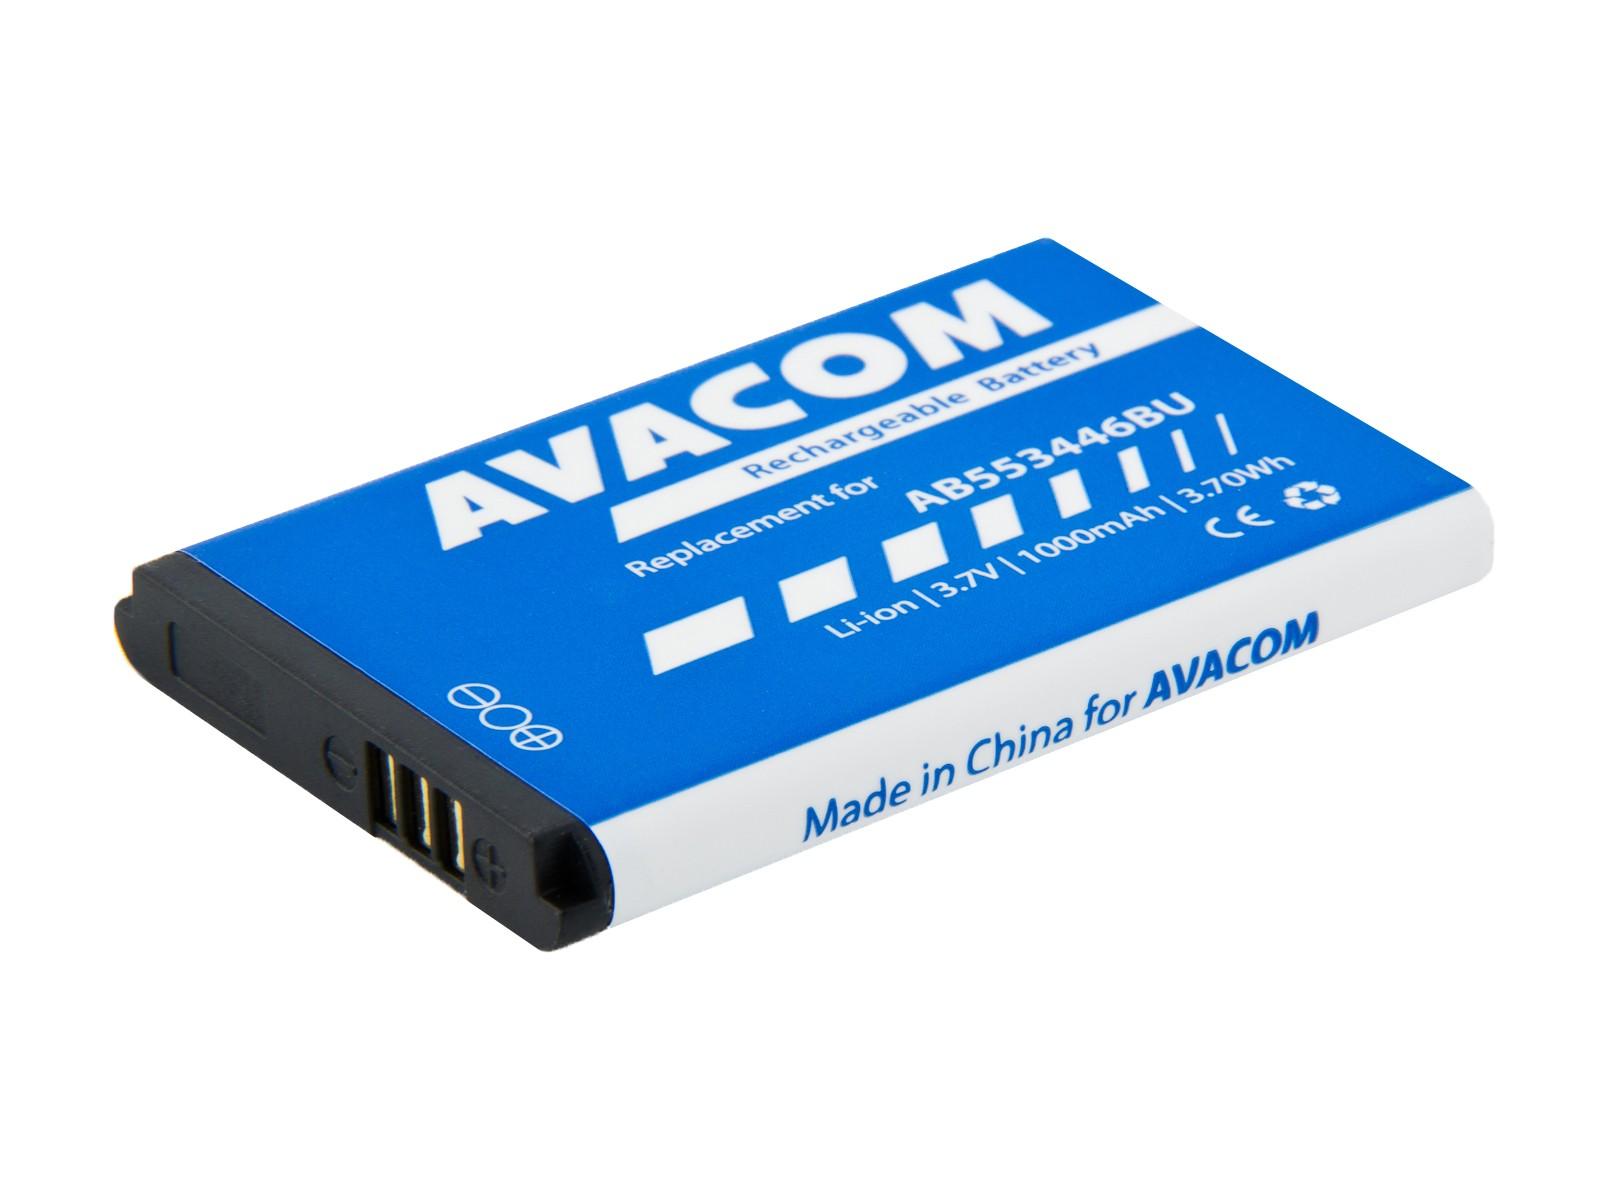 Baterie AVACOM GSSA-2710-1000A do mobilu Samsung B2710, C3300 Li-Ion 3,7V 1000mAh